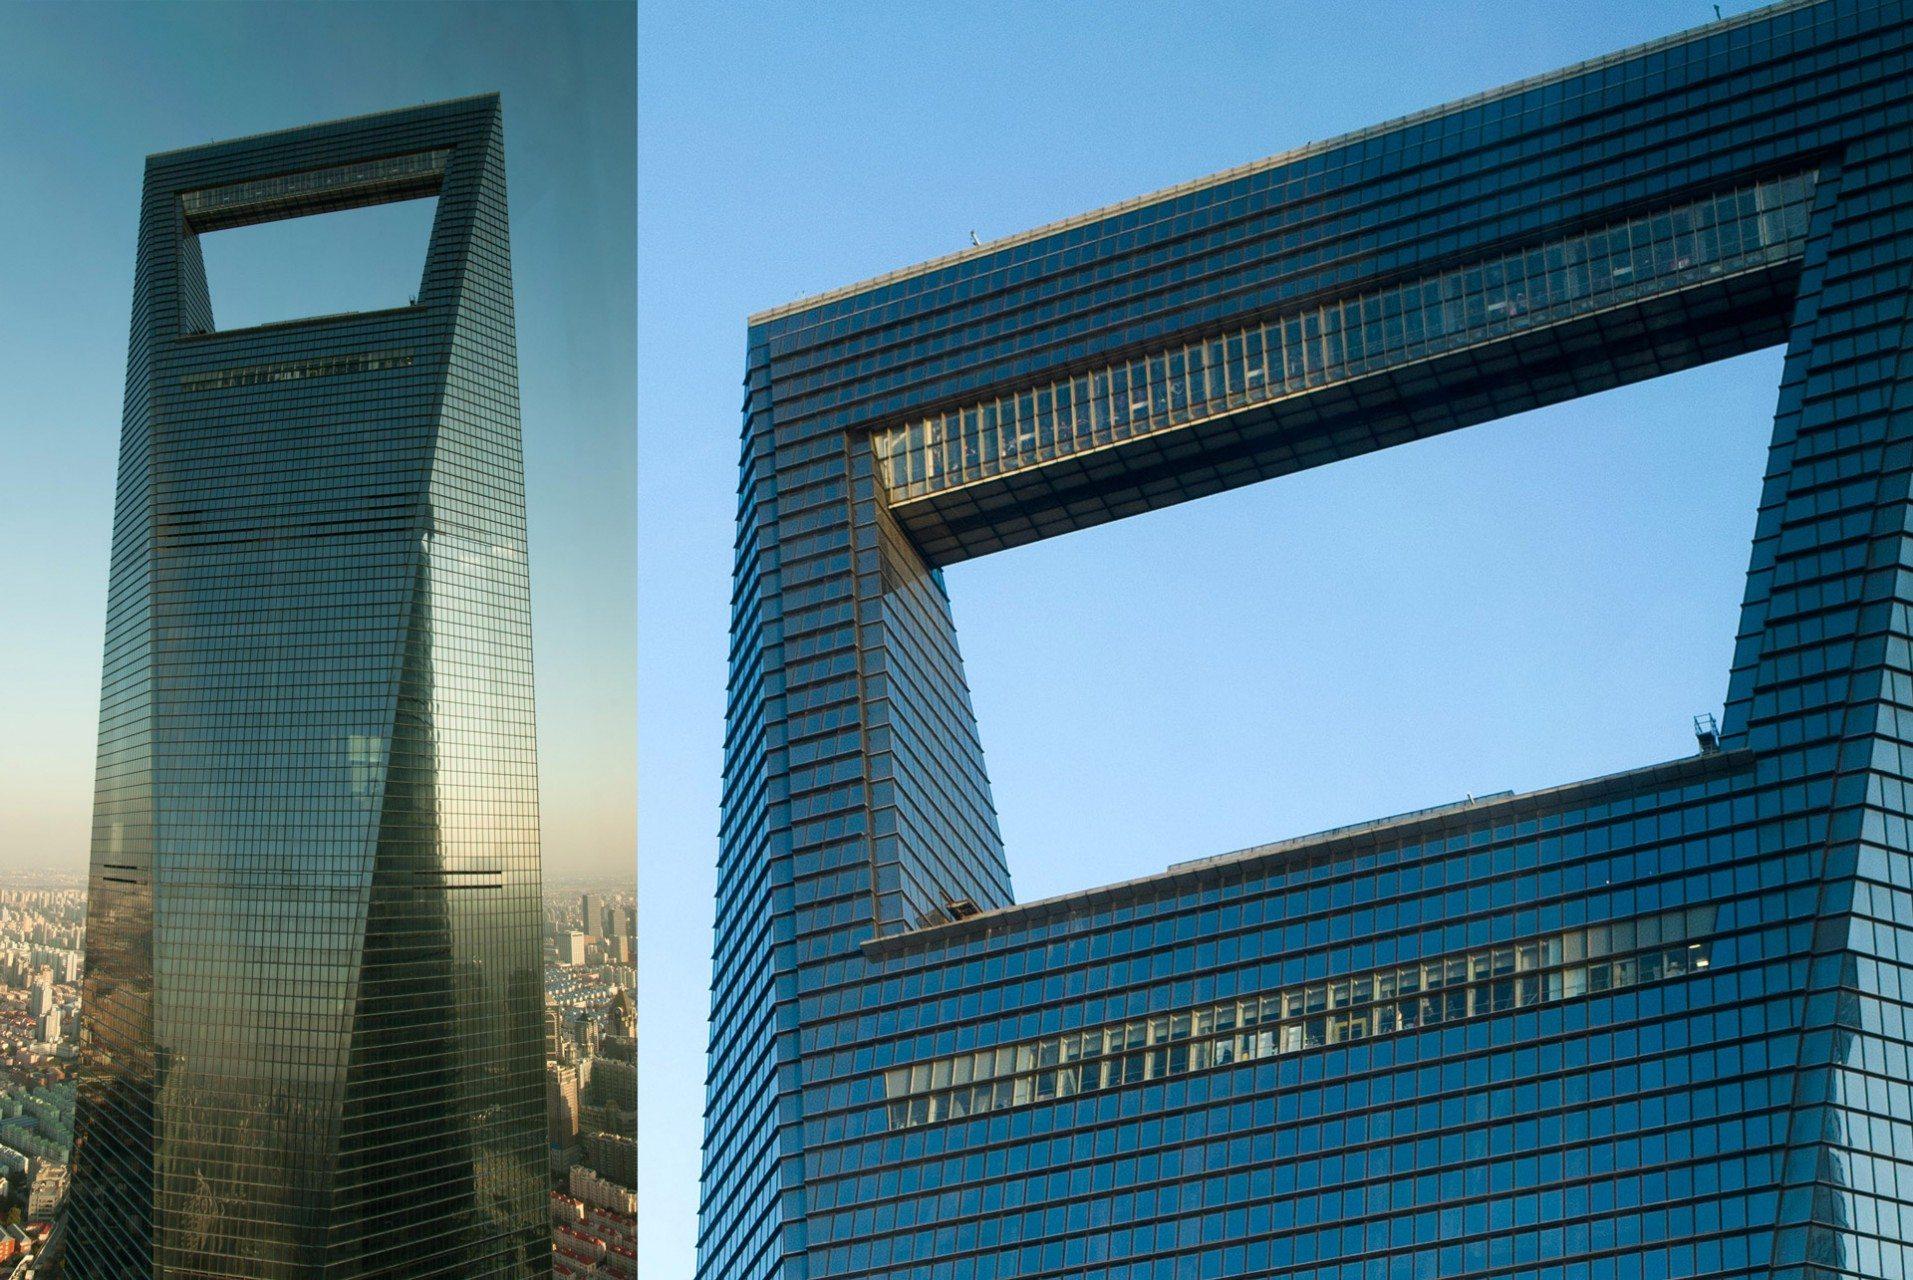 Shanghai World Financial Center. 2008 – Shanghai, Pudong, Lujiazui. Von Kohn Pedersen Fox. Das Shanghai World Financial Center –oder auch